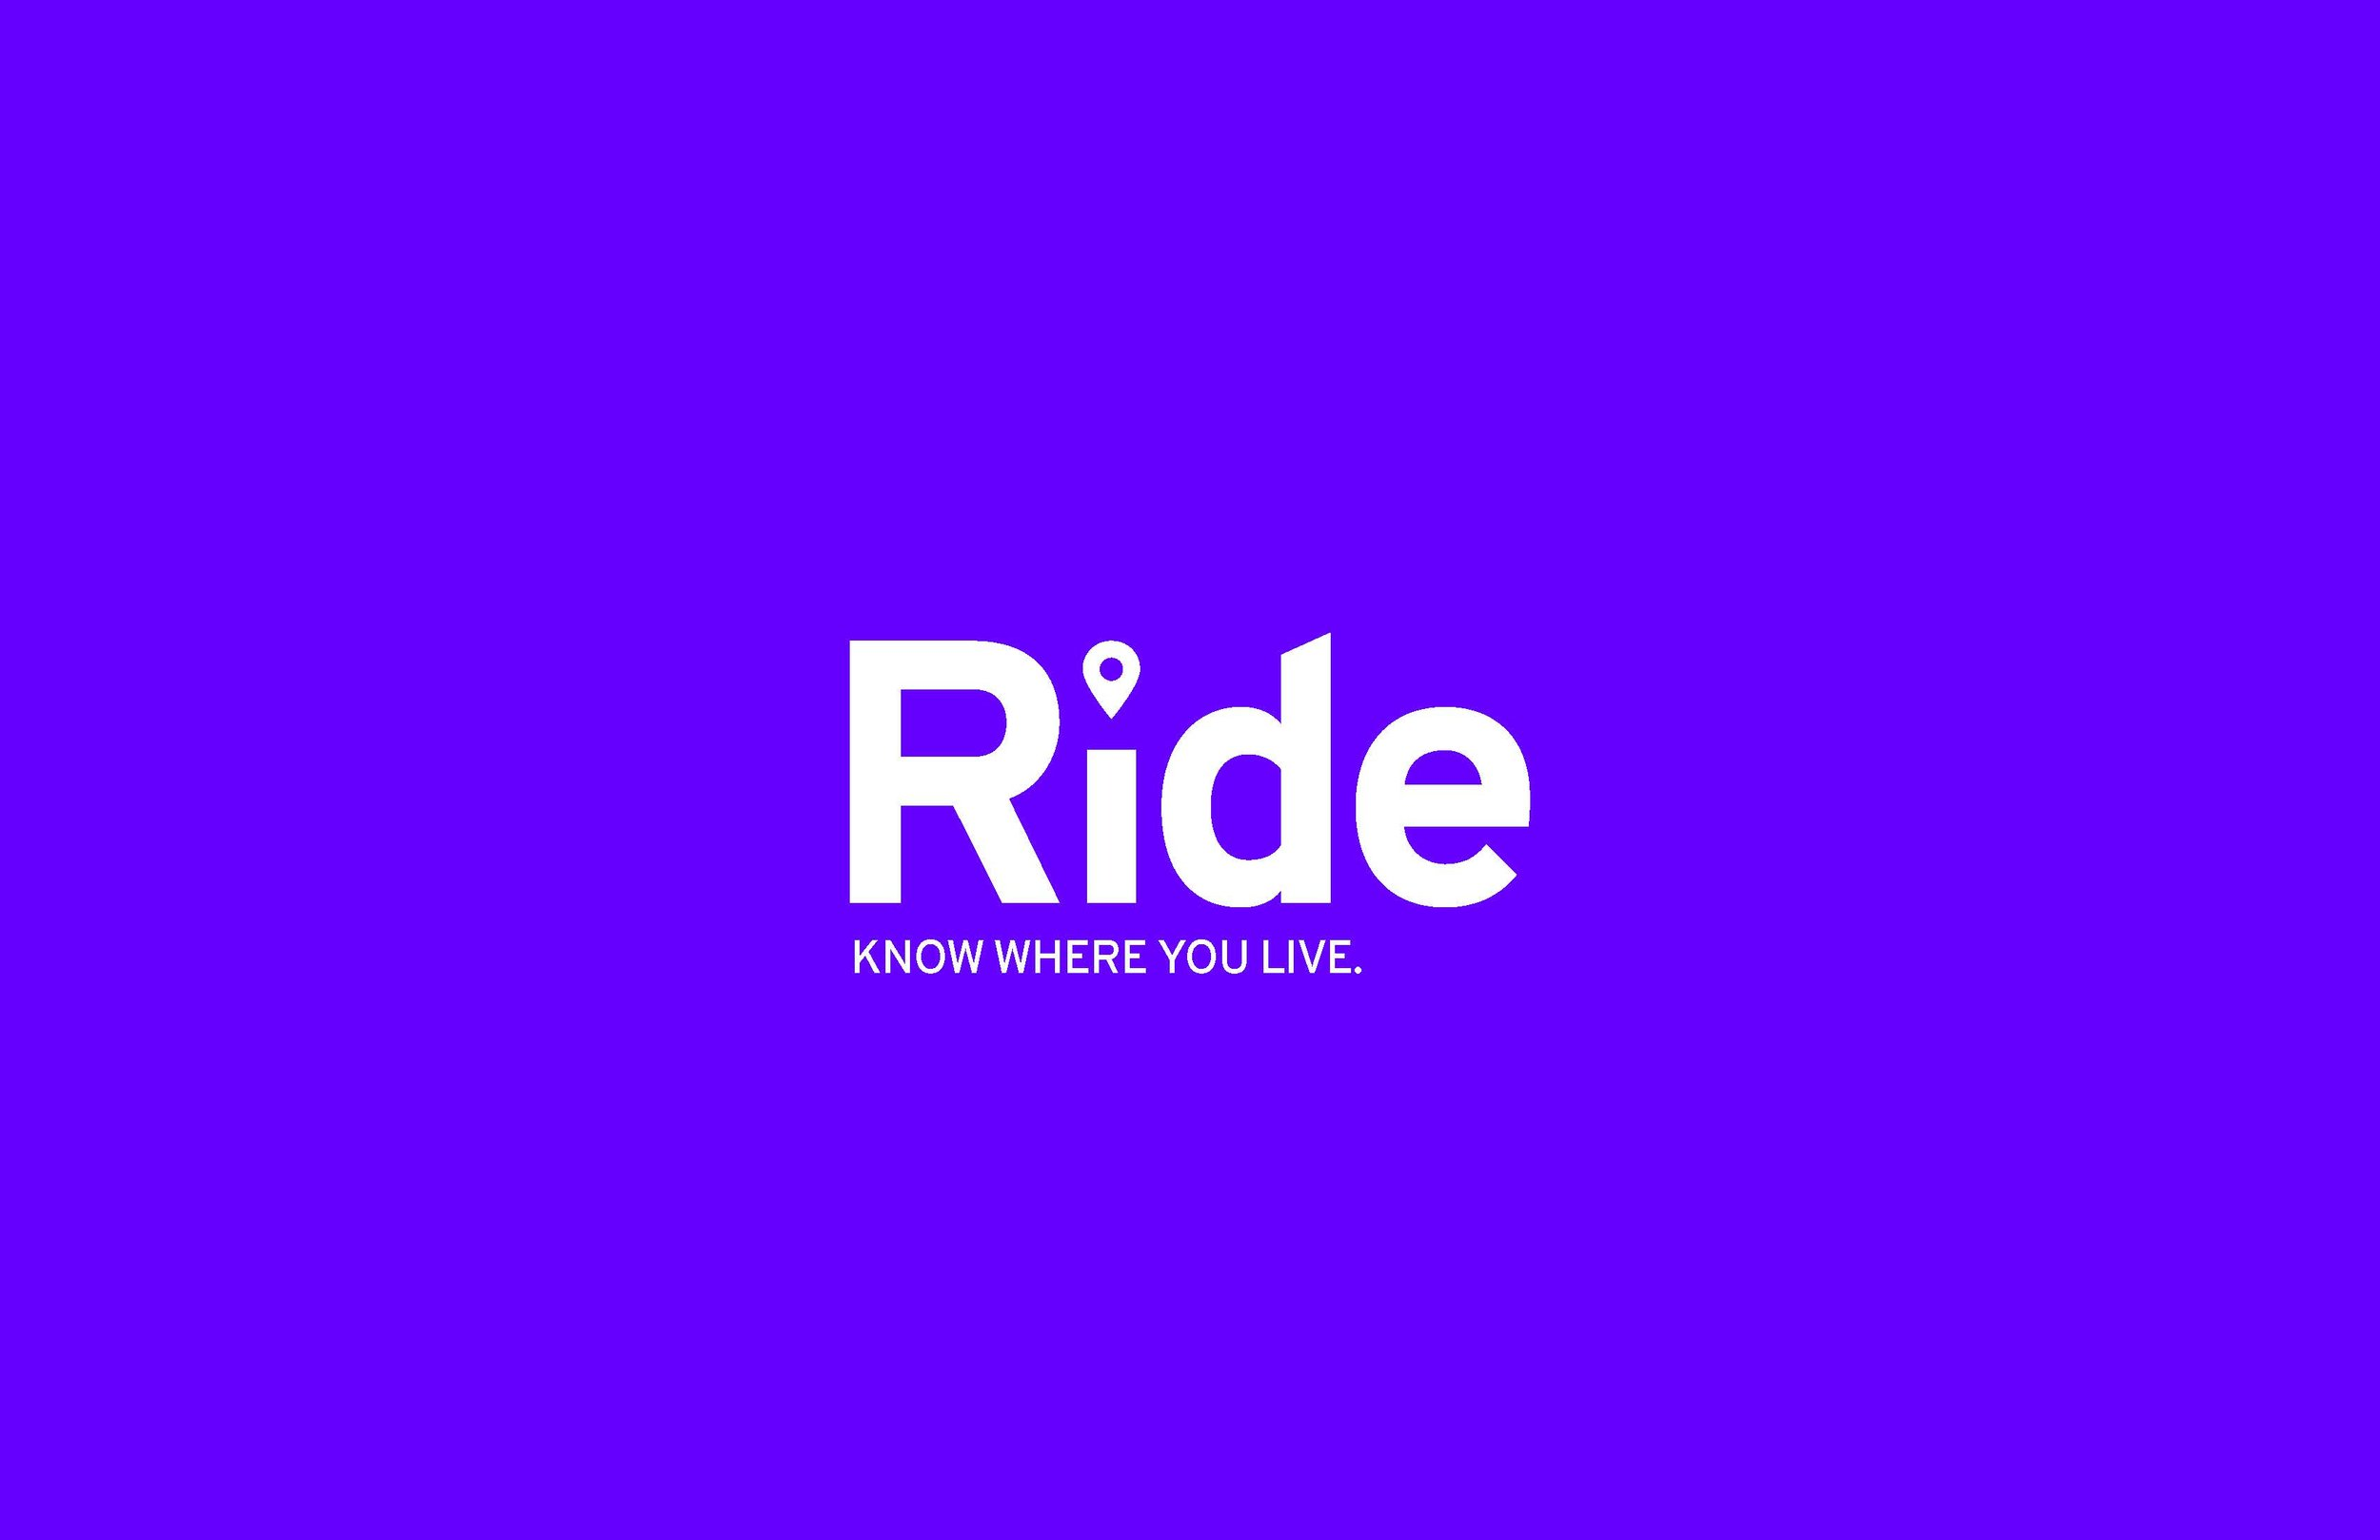 RideBooklet_Final_Page_01.jpg